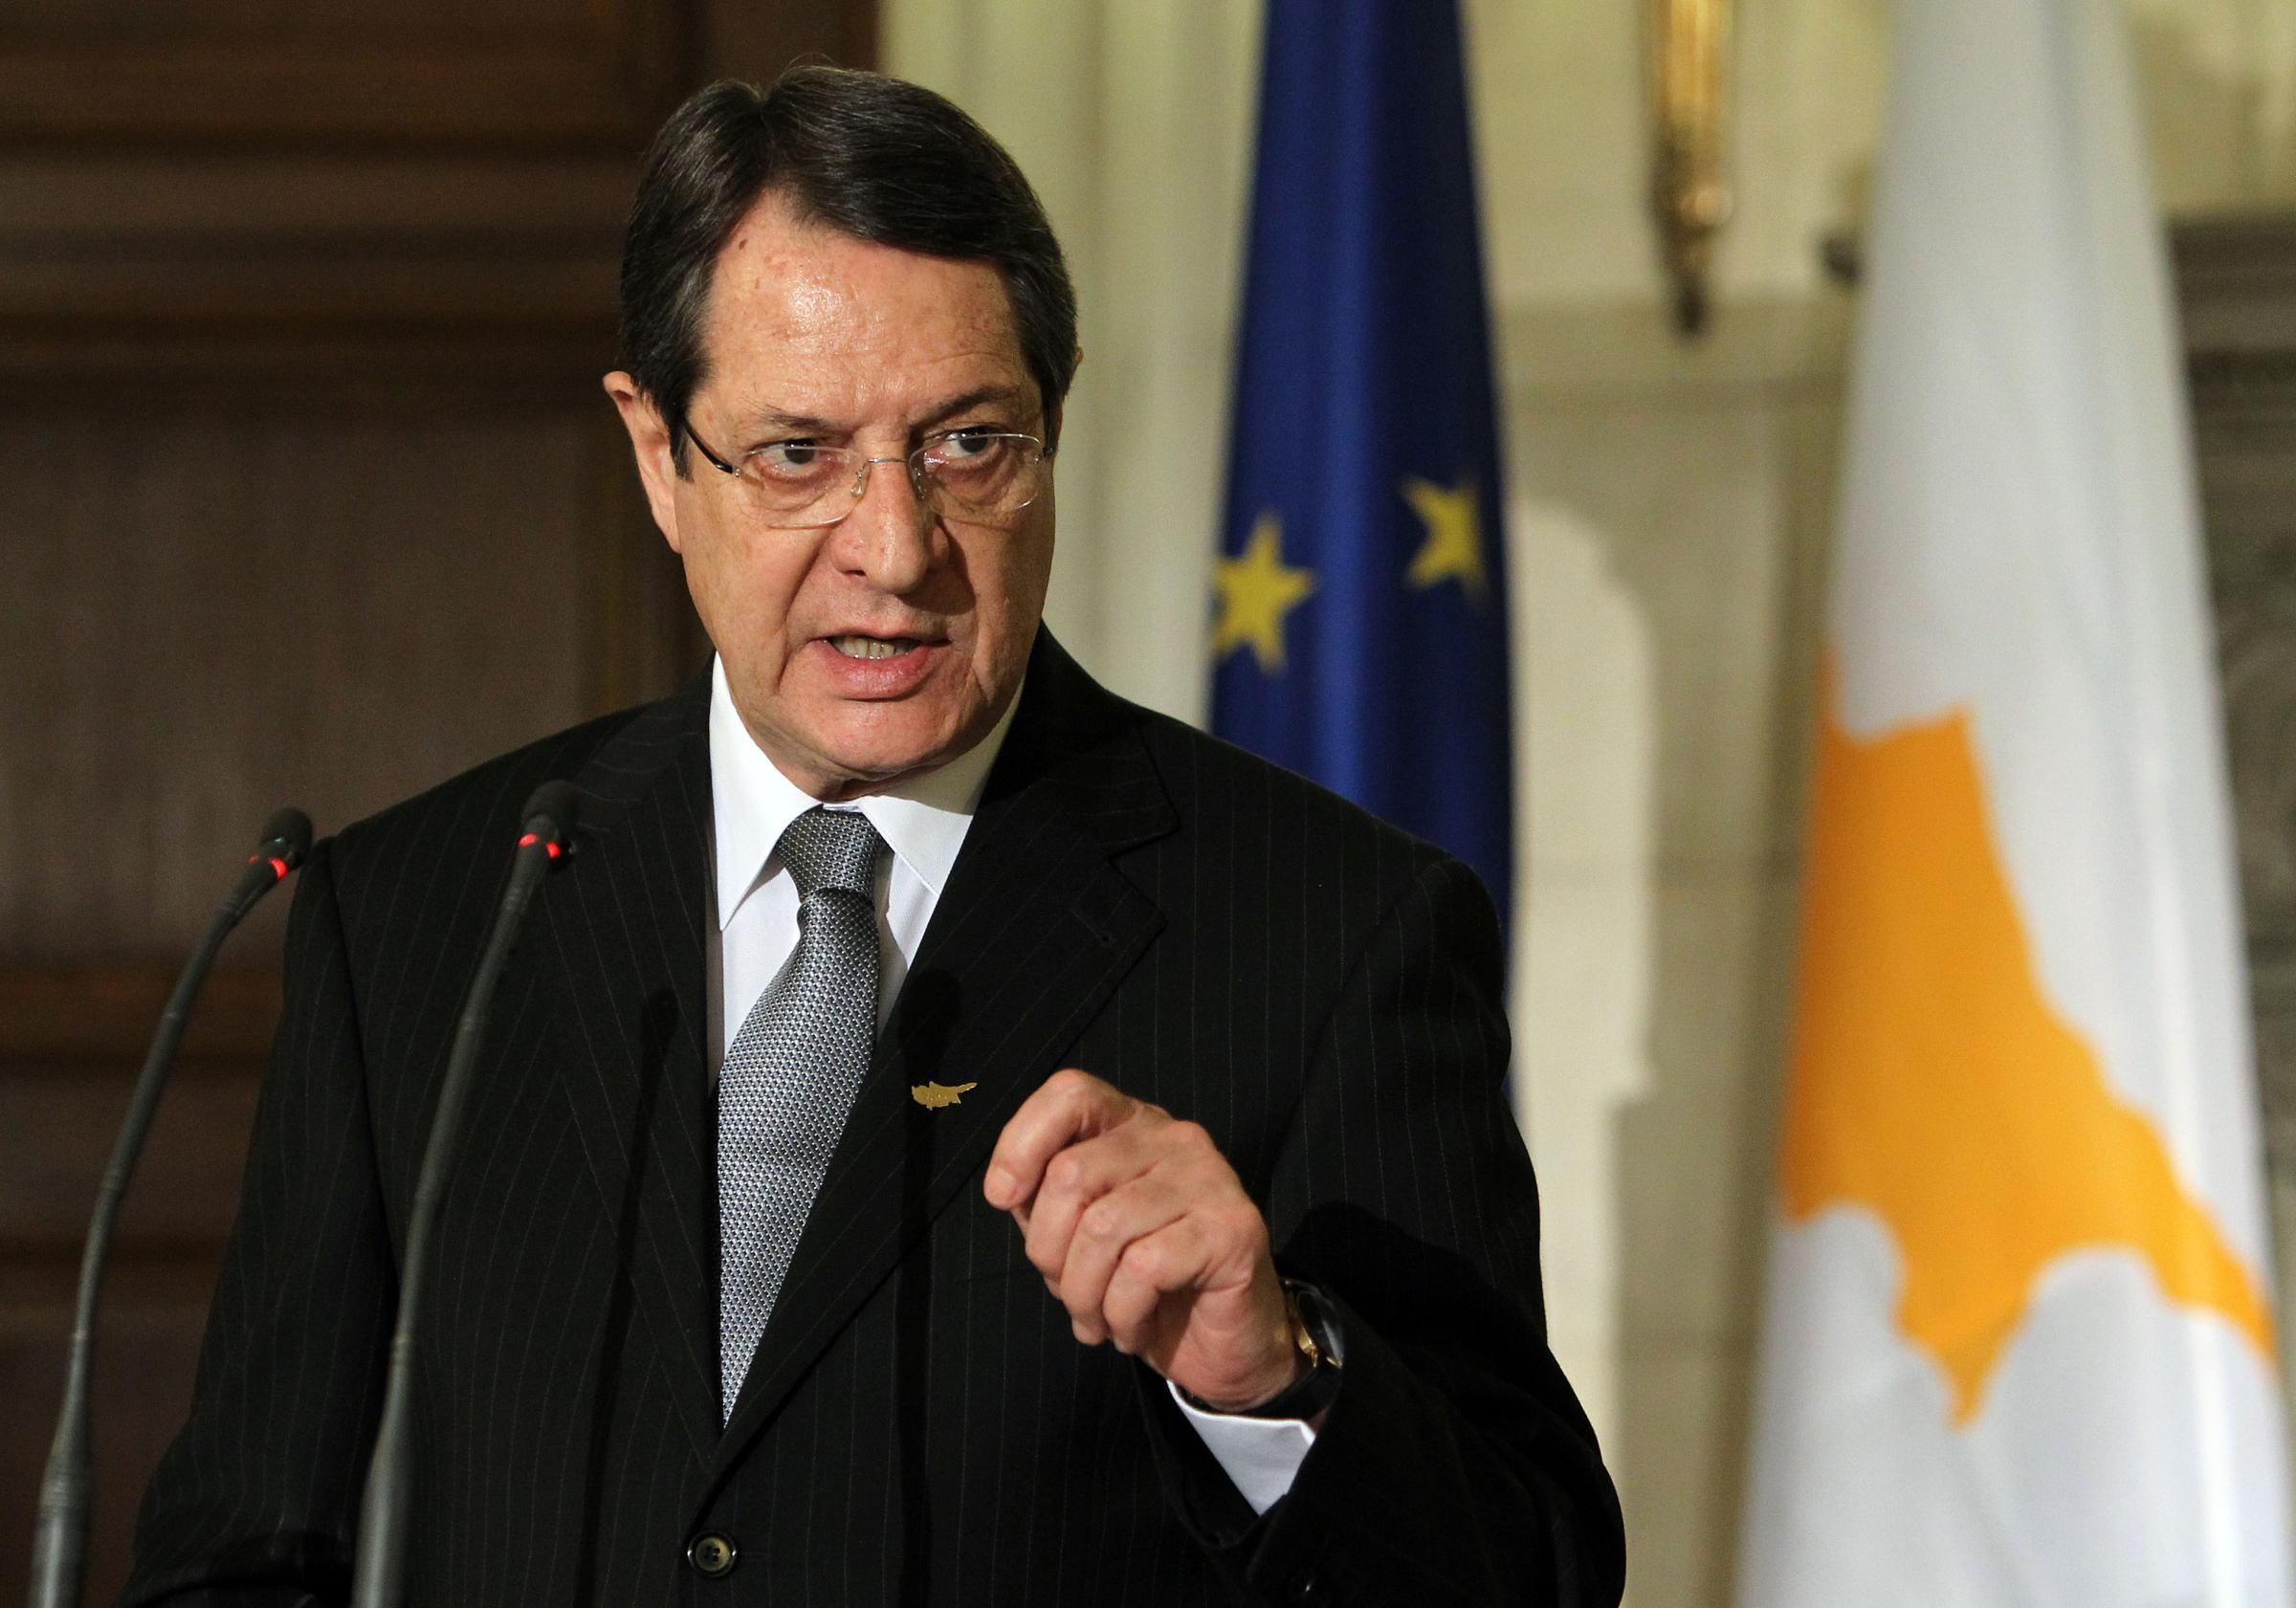 Cyprus President to Jordan, Israel and Palestine